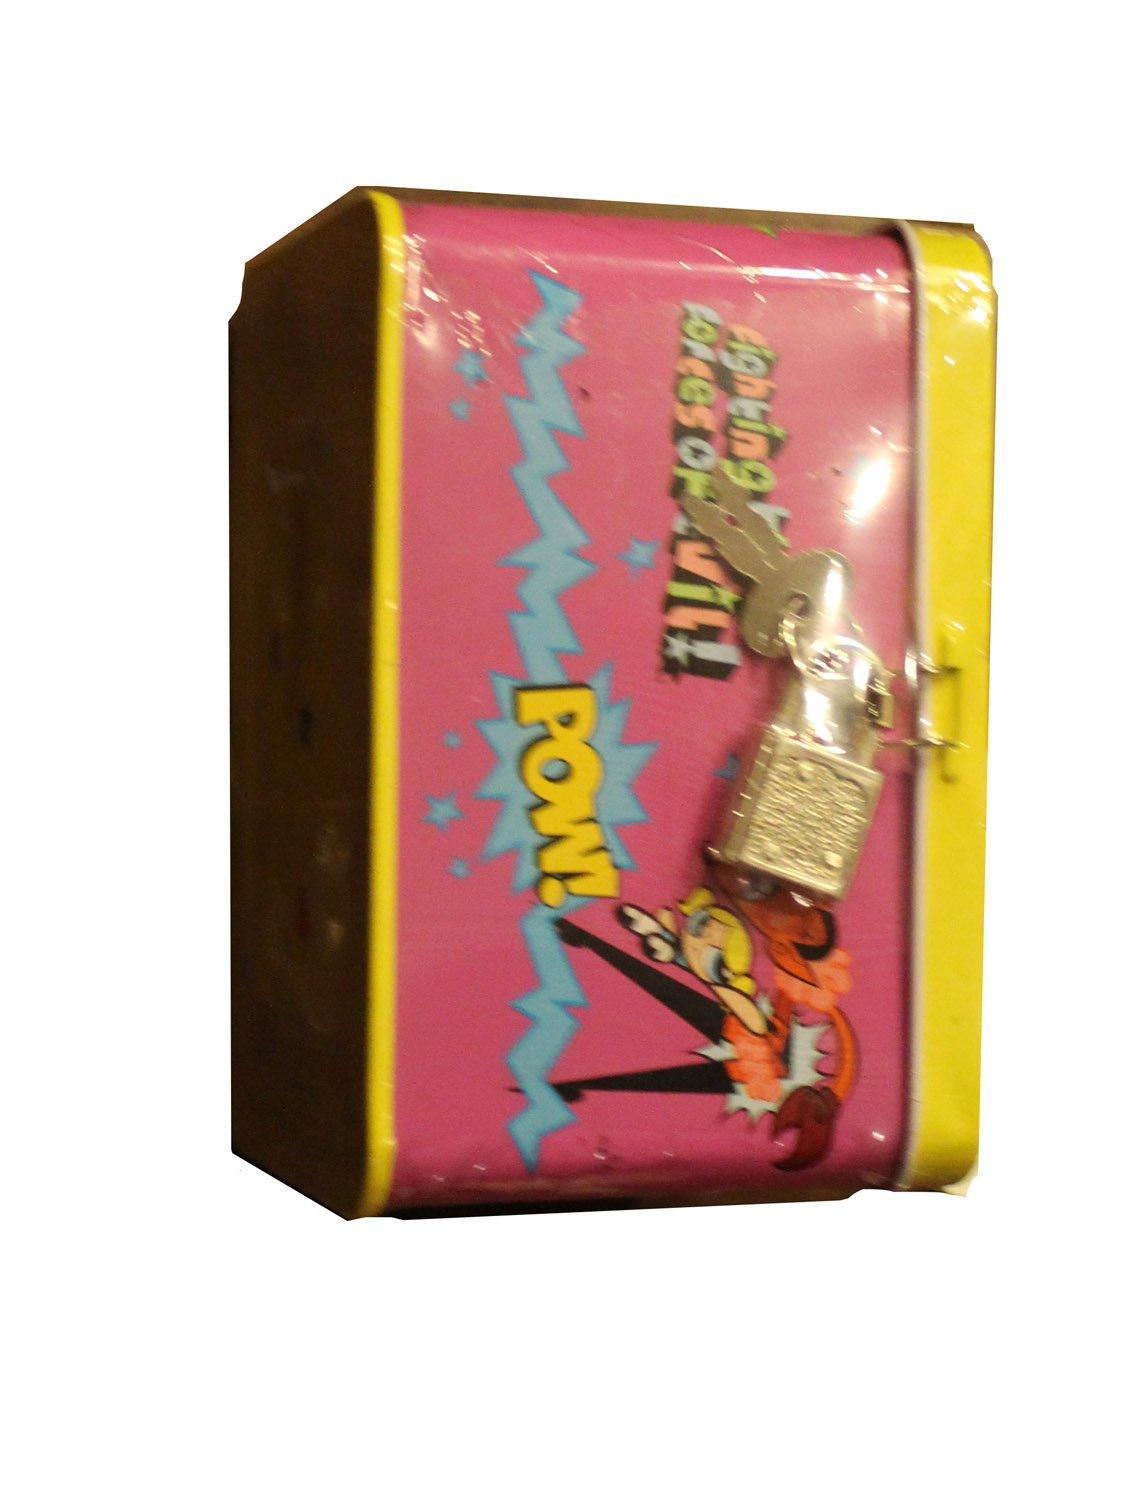 The Powerpuff Girls Mini tin記念品ボックス   B01789DV3I